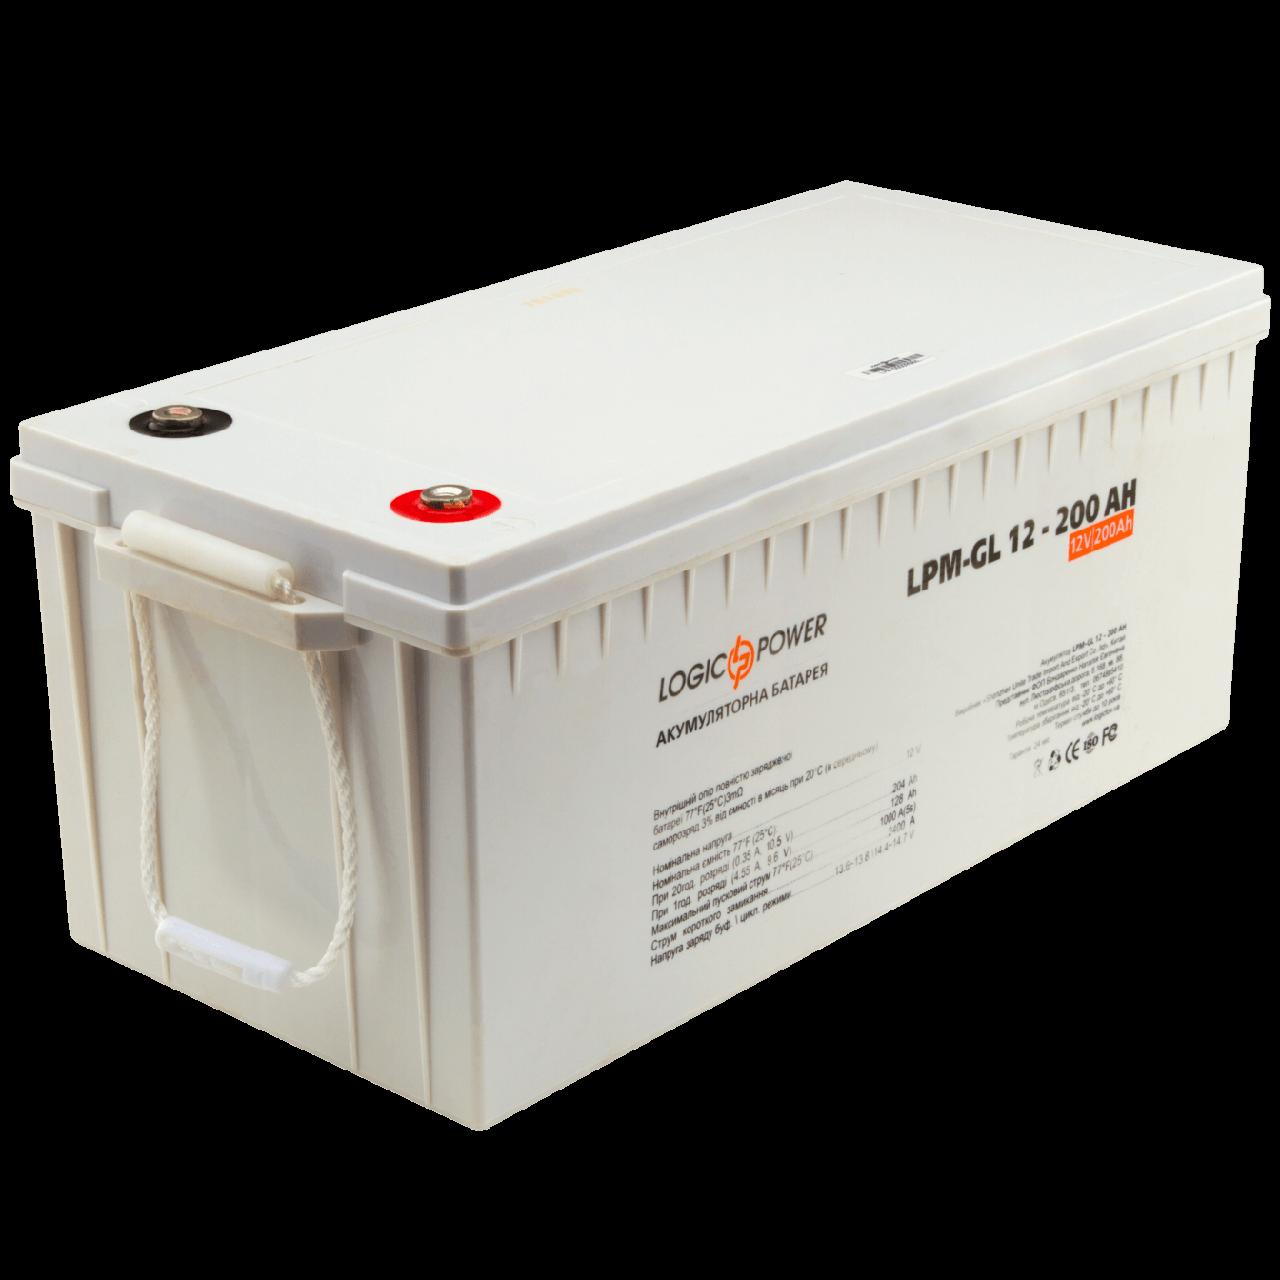 Гелевый аккумулятор Logic Power LPM-GL 12V 200AH (12 Вольт, 200 Ач)